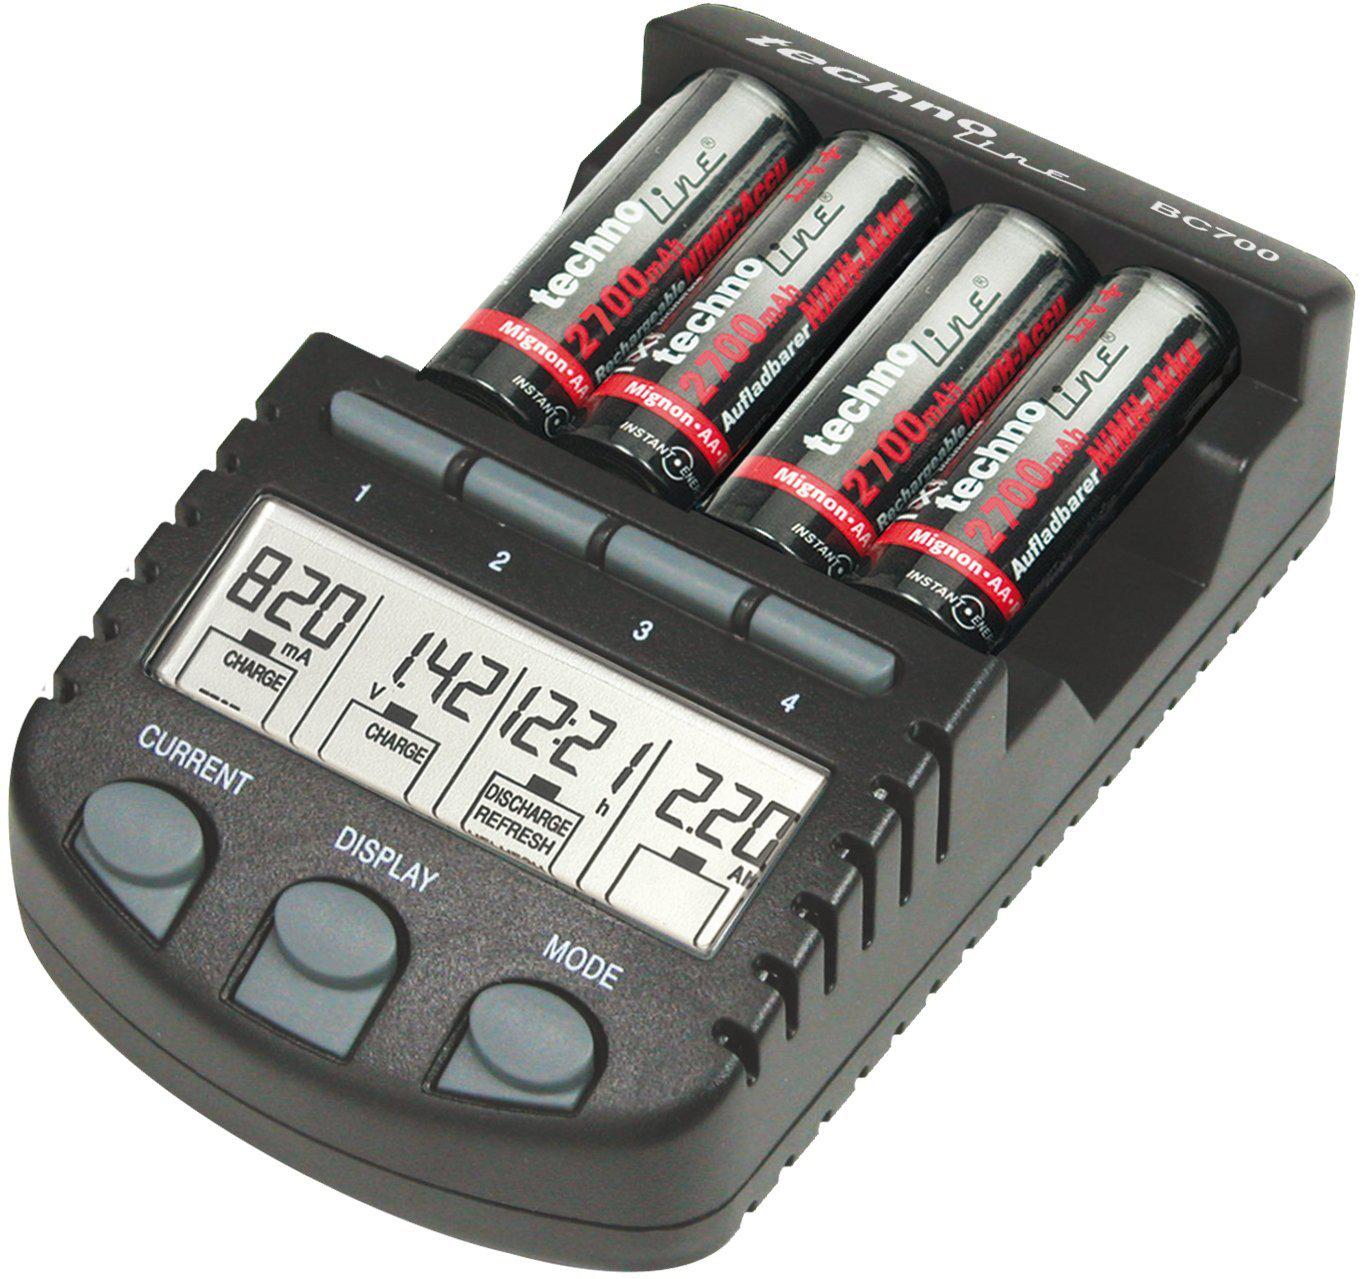 Chargeur de pile rechargeable pour NiCd/NiMH Noir Technoline BC-700-BLI